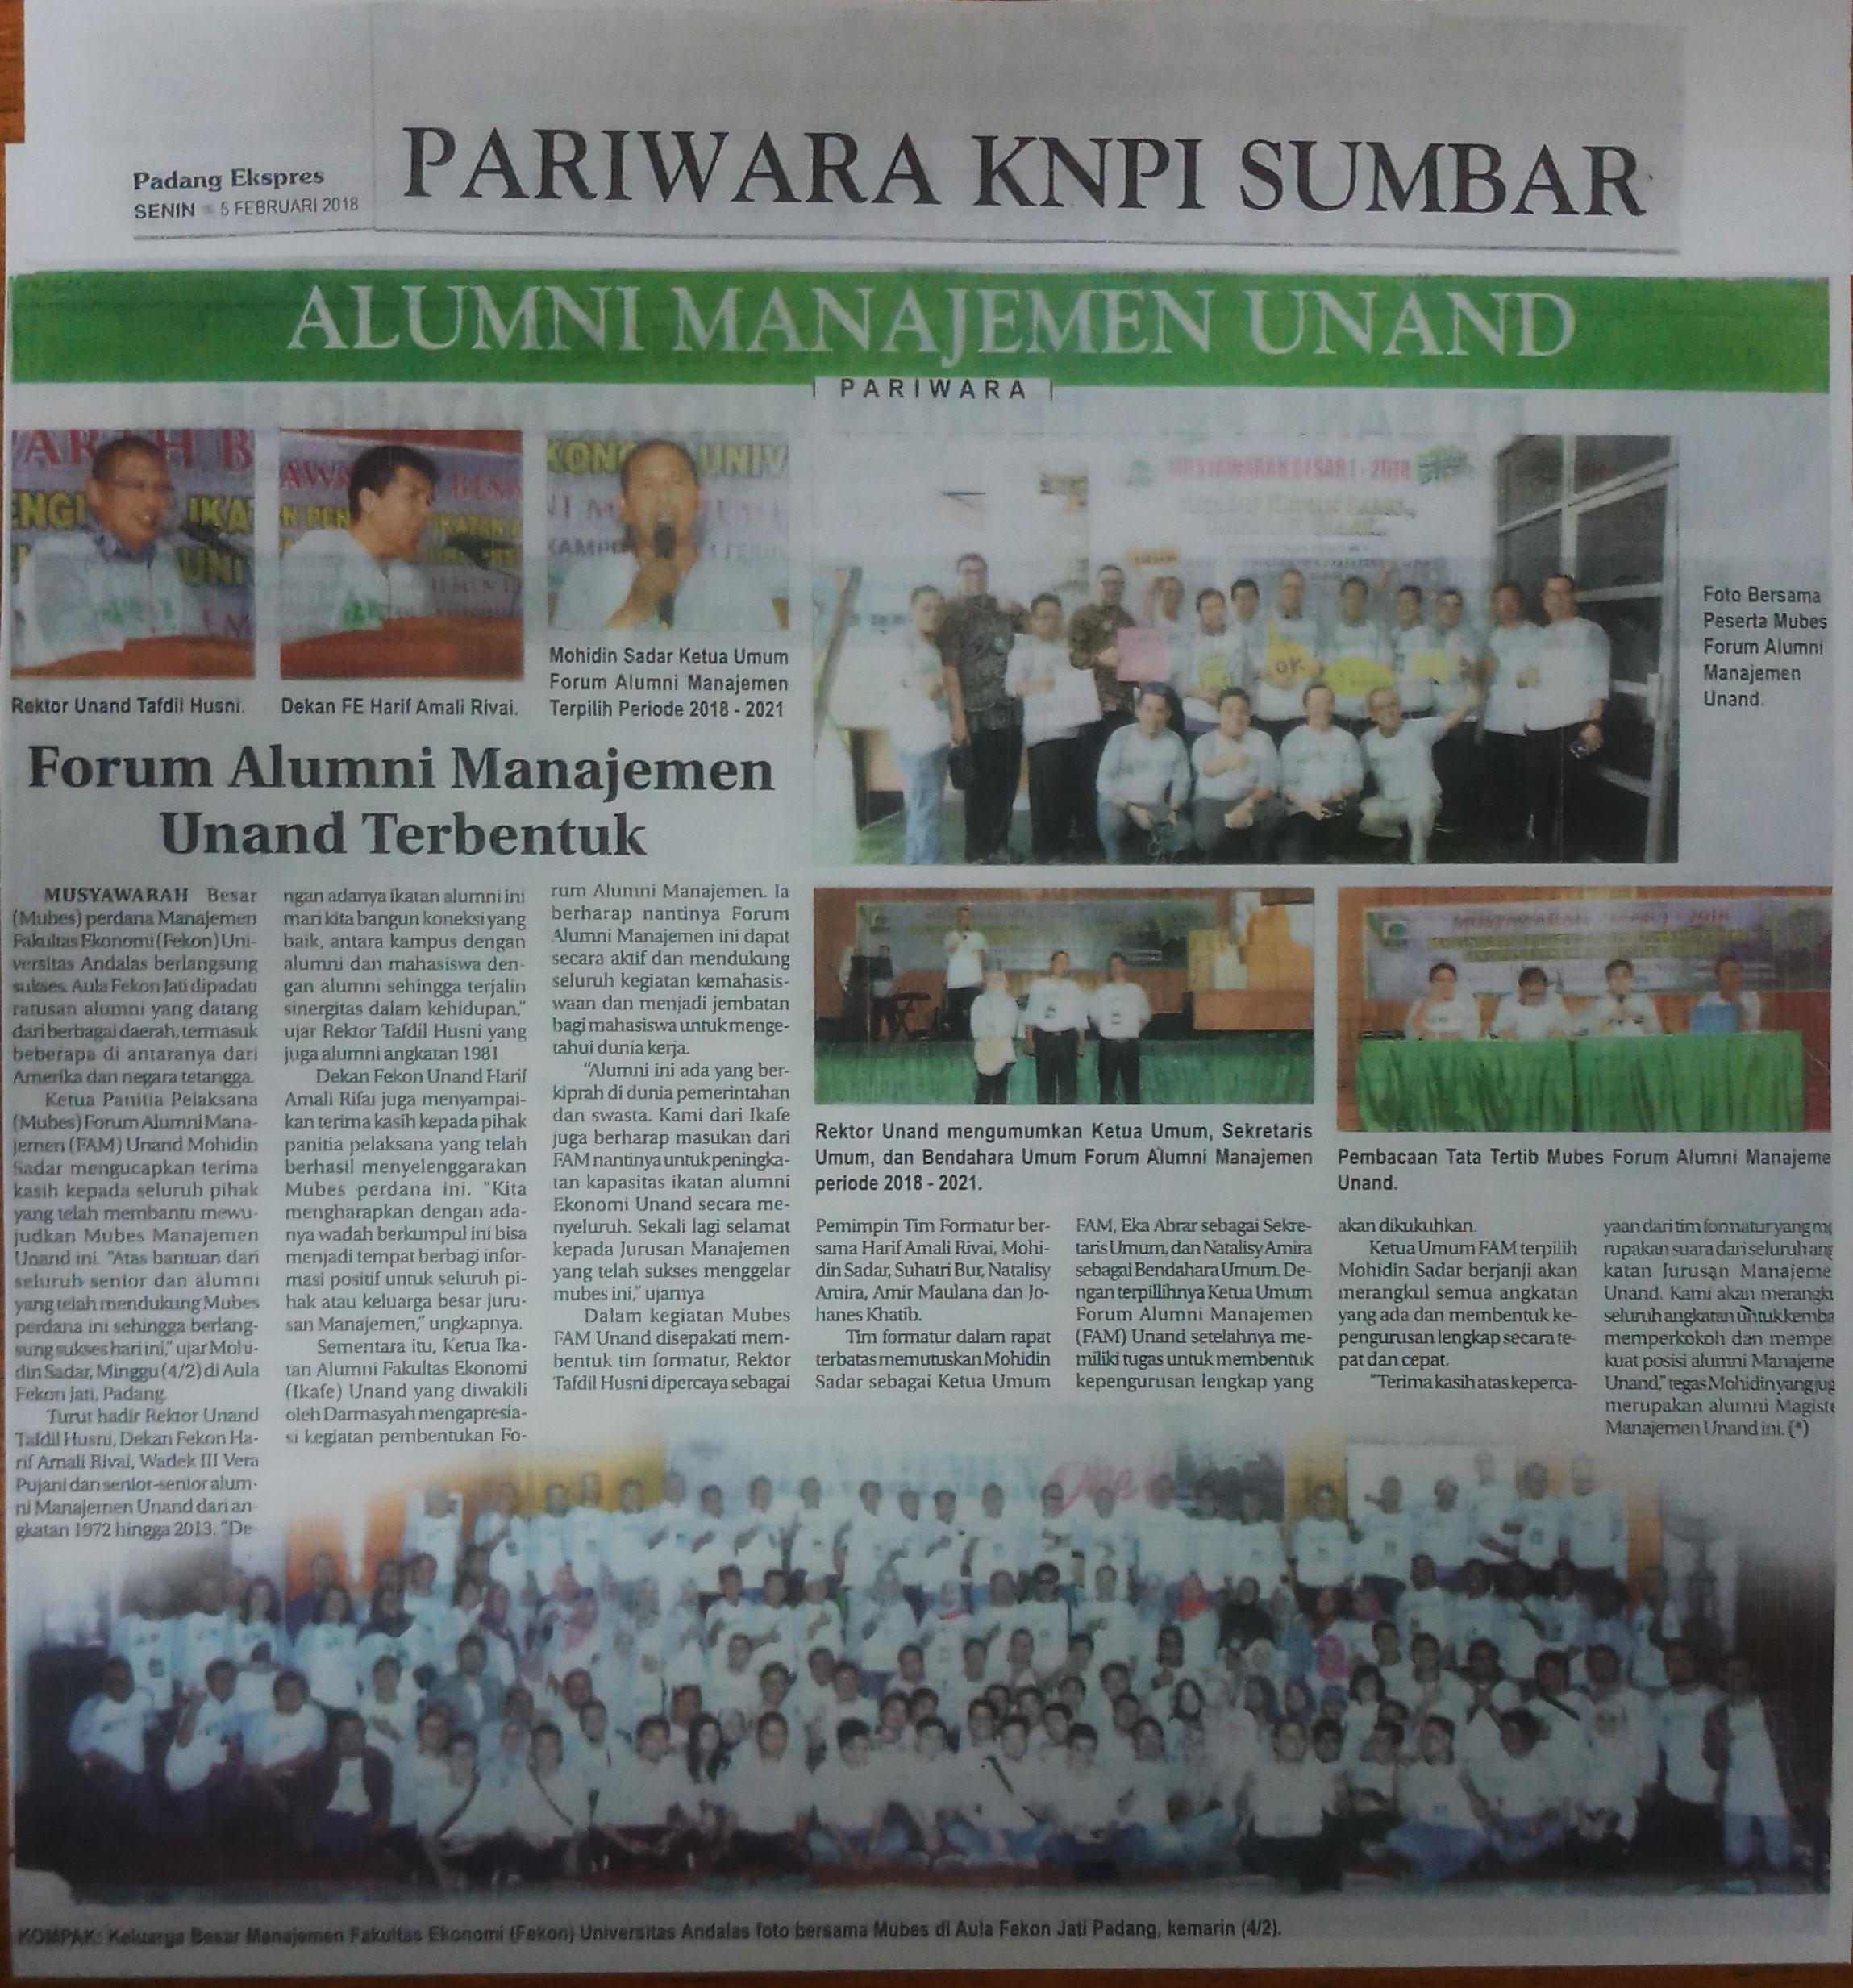 Forum Alumni Manajemen Unand Terbentuk (Kliping Padang Ekspres Senin, 5 Februari 2018)